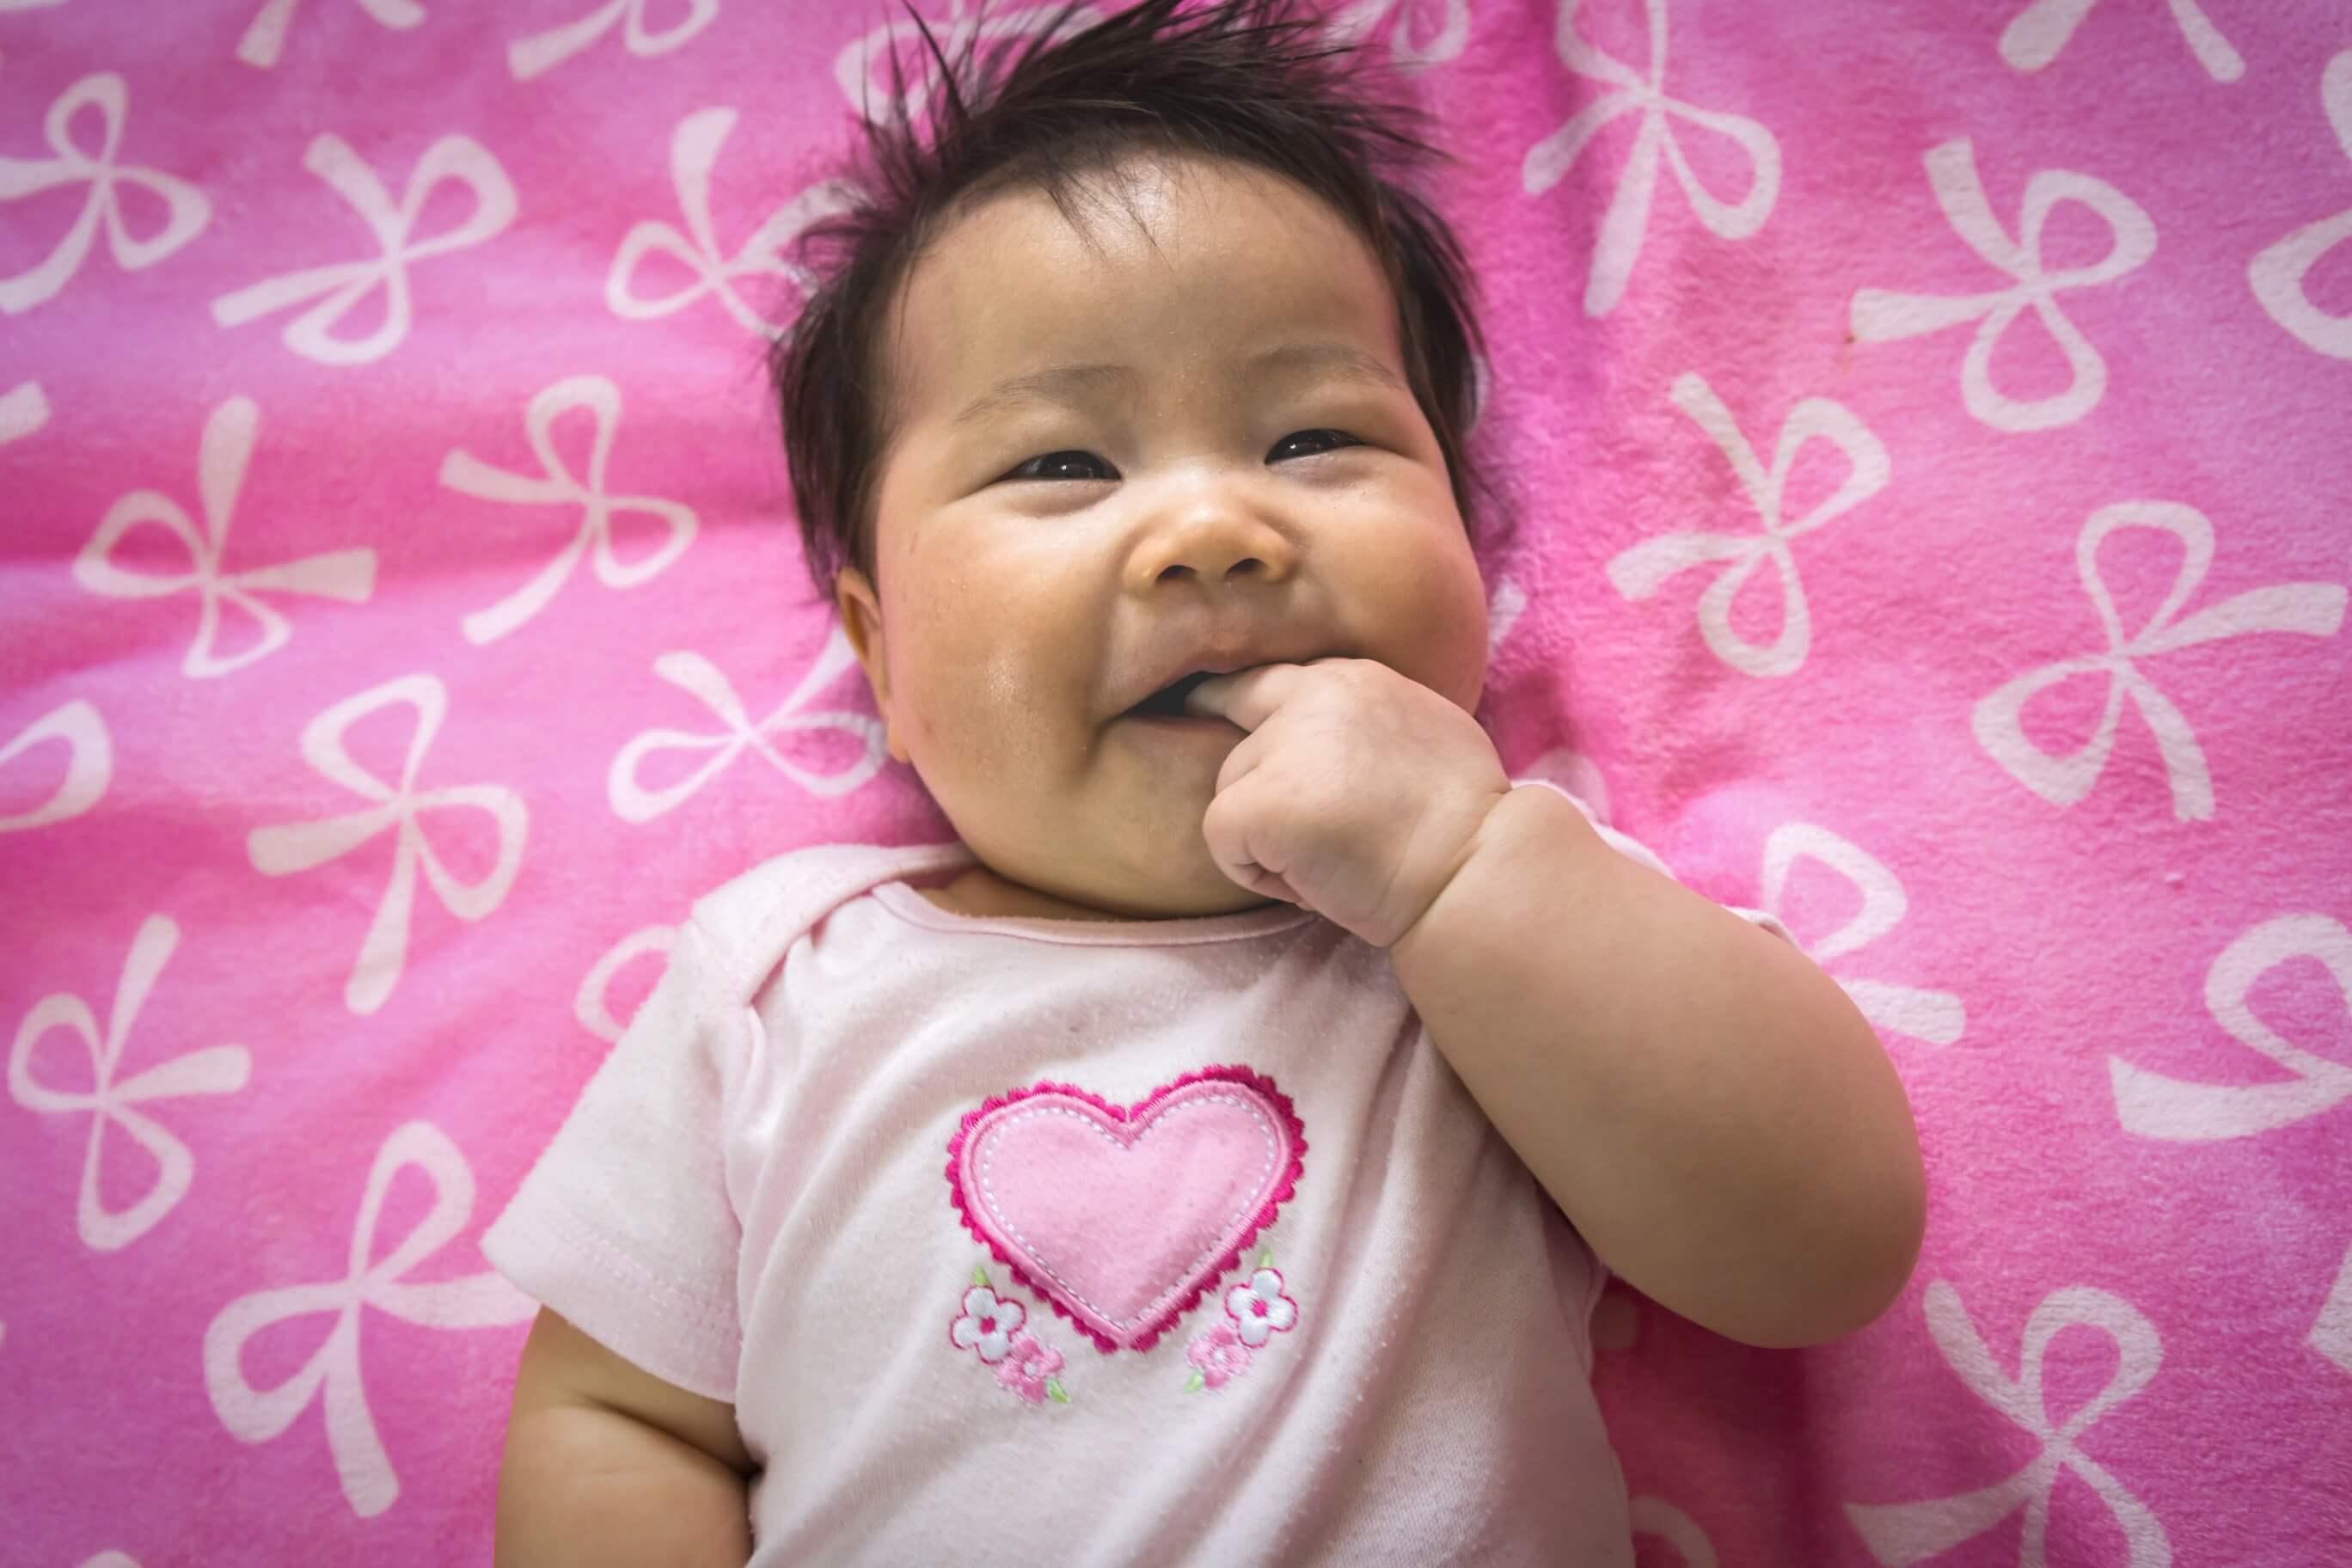 bayi-usia-3-bulan-bunda-header-image.jpg